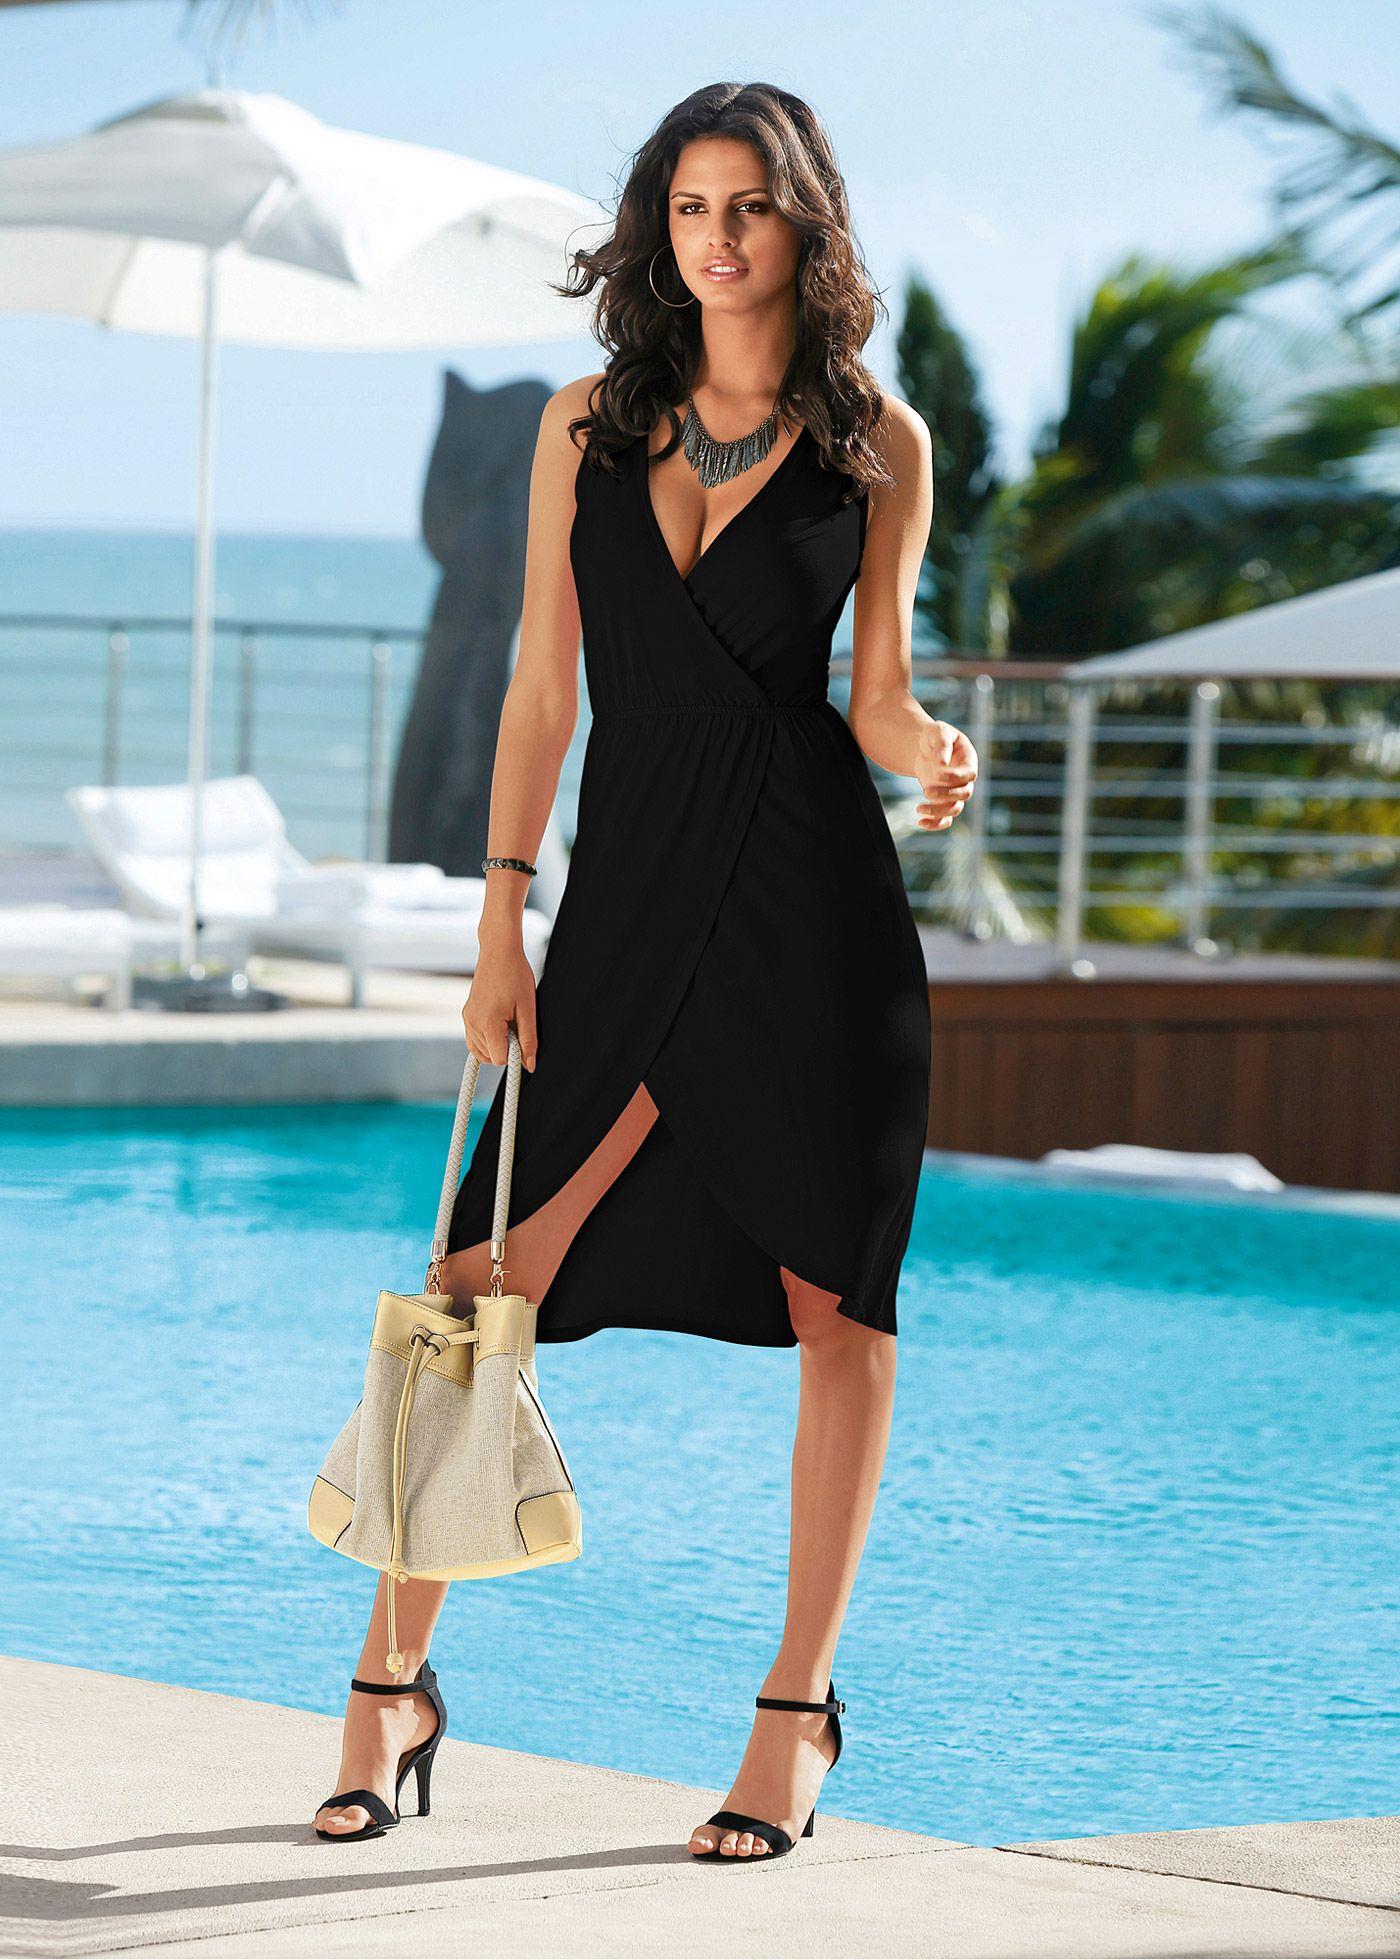 ed026d0ed Vestido de malha azul piscina encomendar agora na loja on-line bonprix.de  R$ 79,90 a partir de Em look transpassado com decote V, elástico na cintura  e .